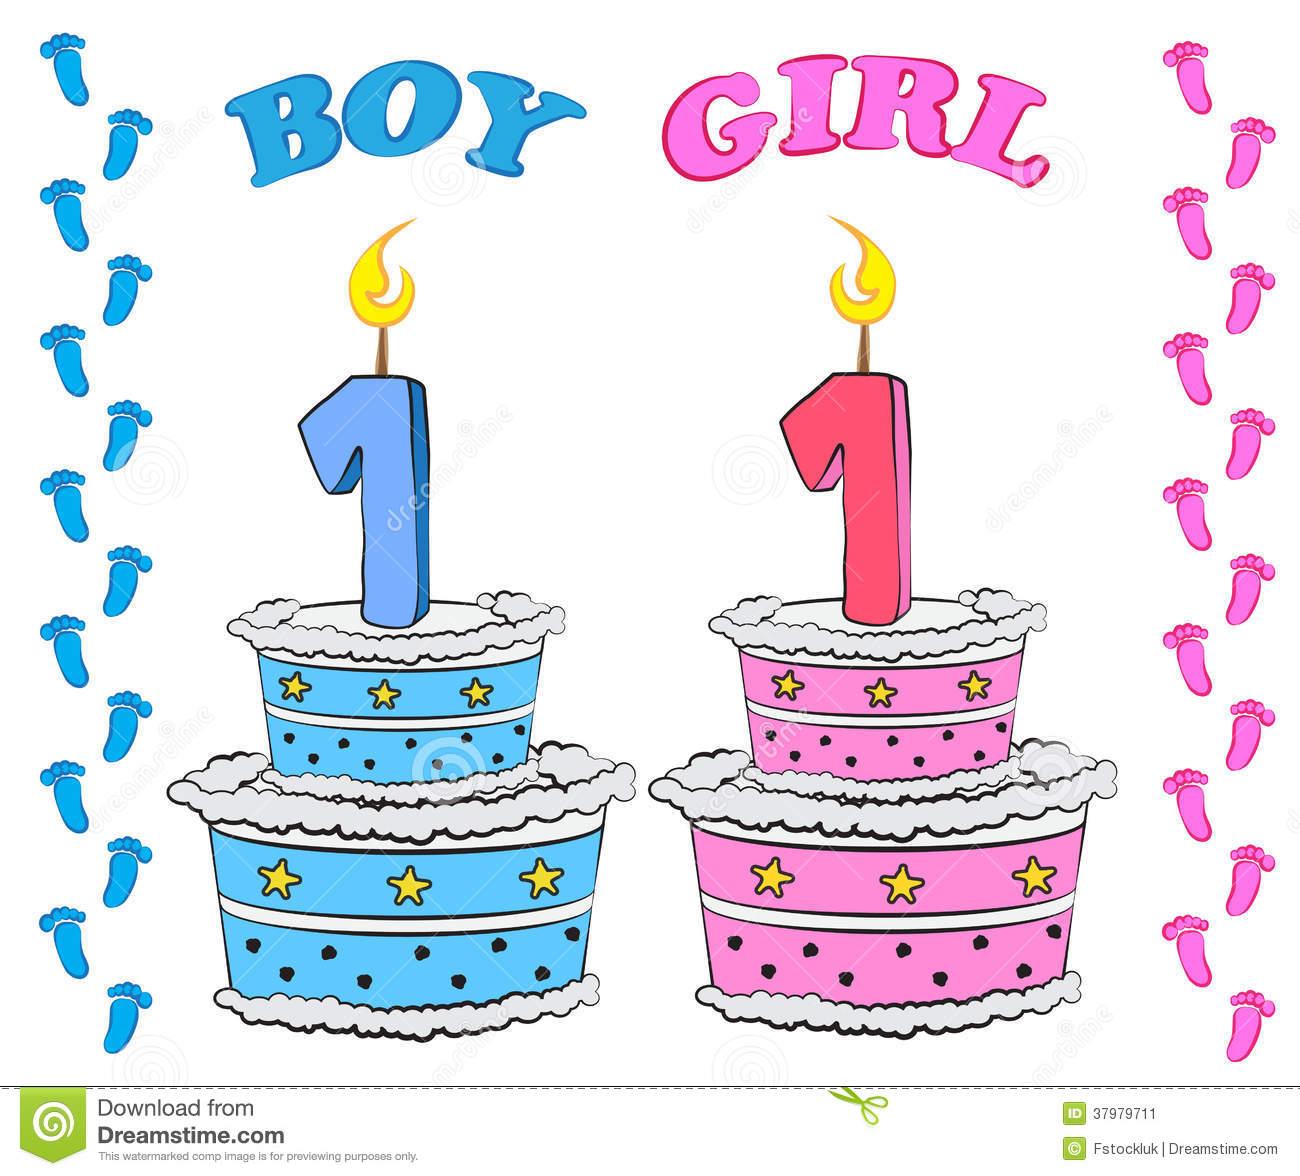 Girl first birthday cake clipart jpg stock First Birthday Cake For Boy And Girl Stock Image - Image: 37979711 jpg stock